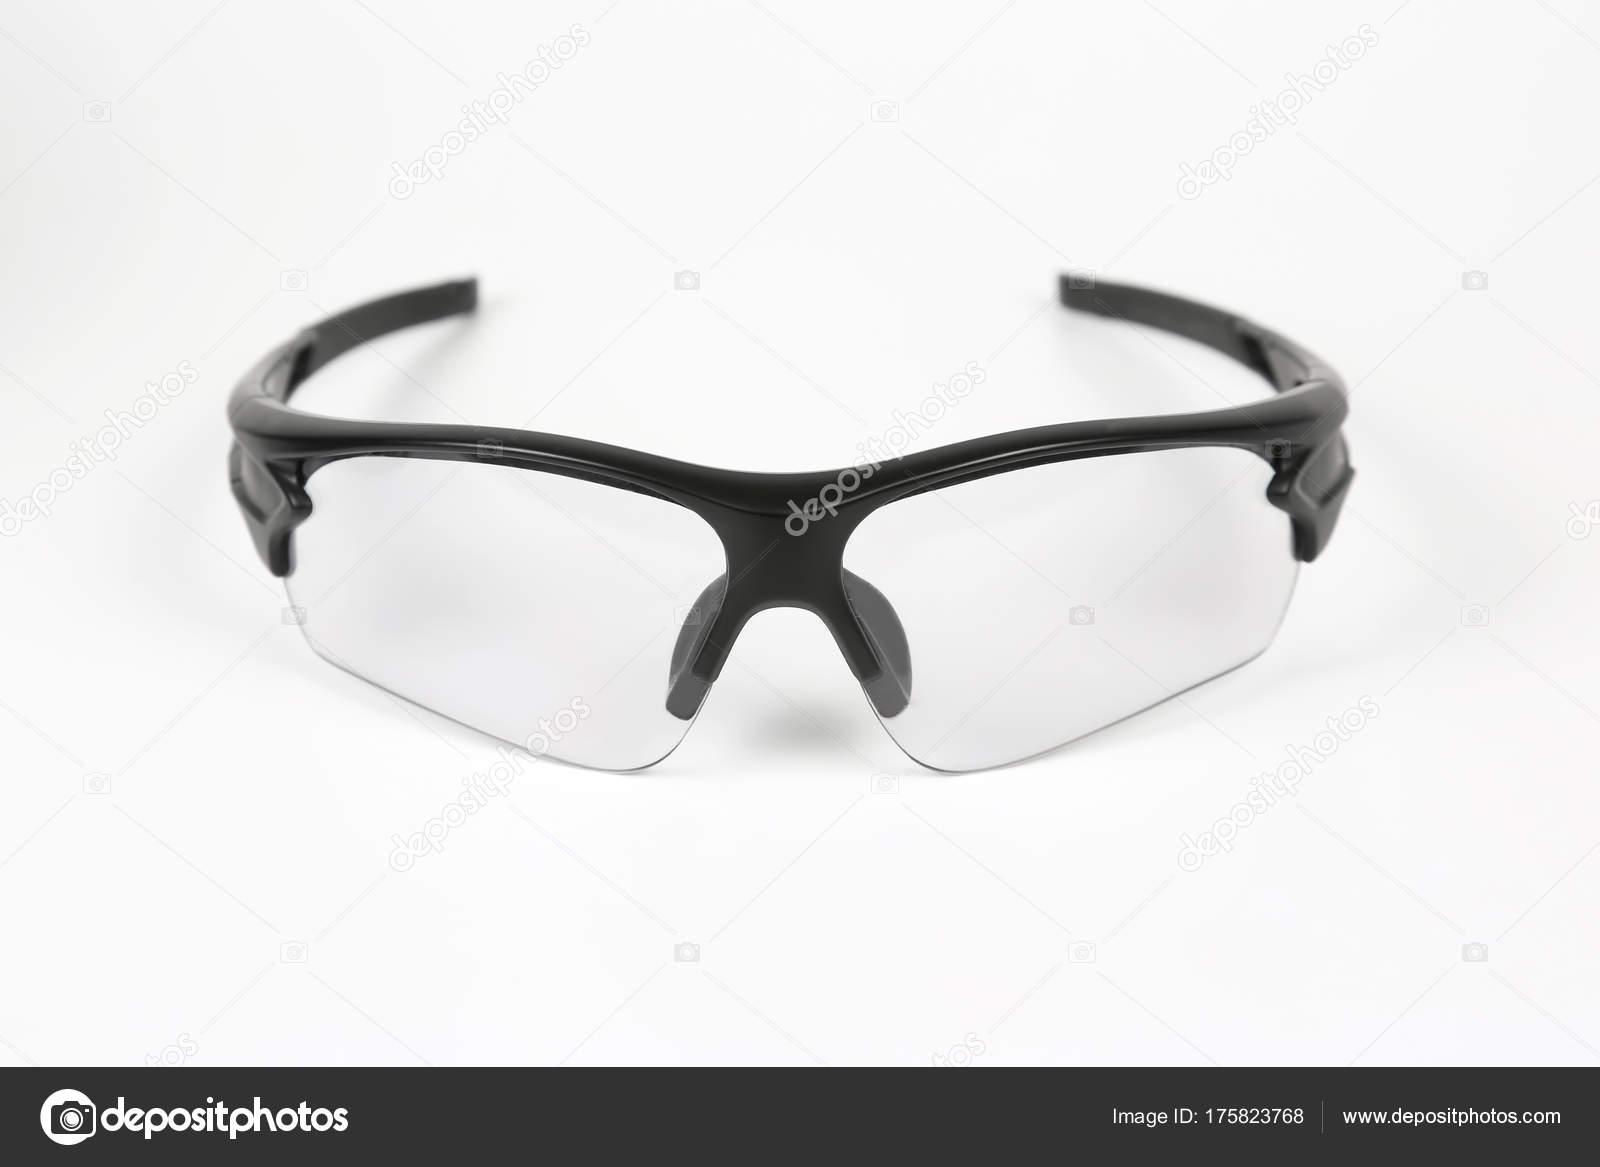 7db4f45101 gafas de ciclismo transparentes sobre fondo blanco — Foto de stock ...